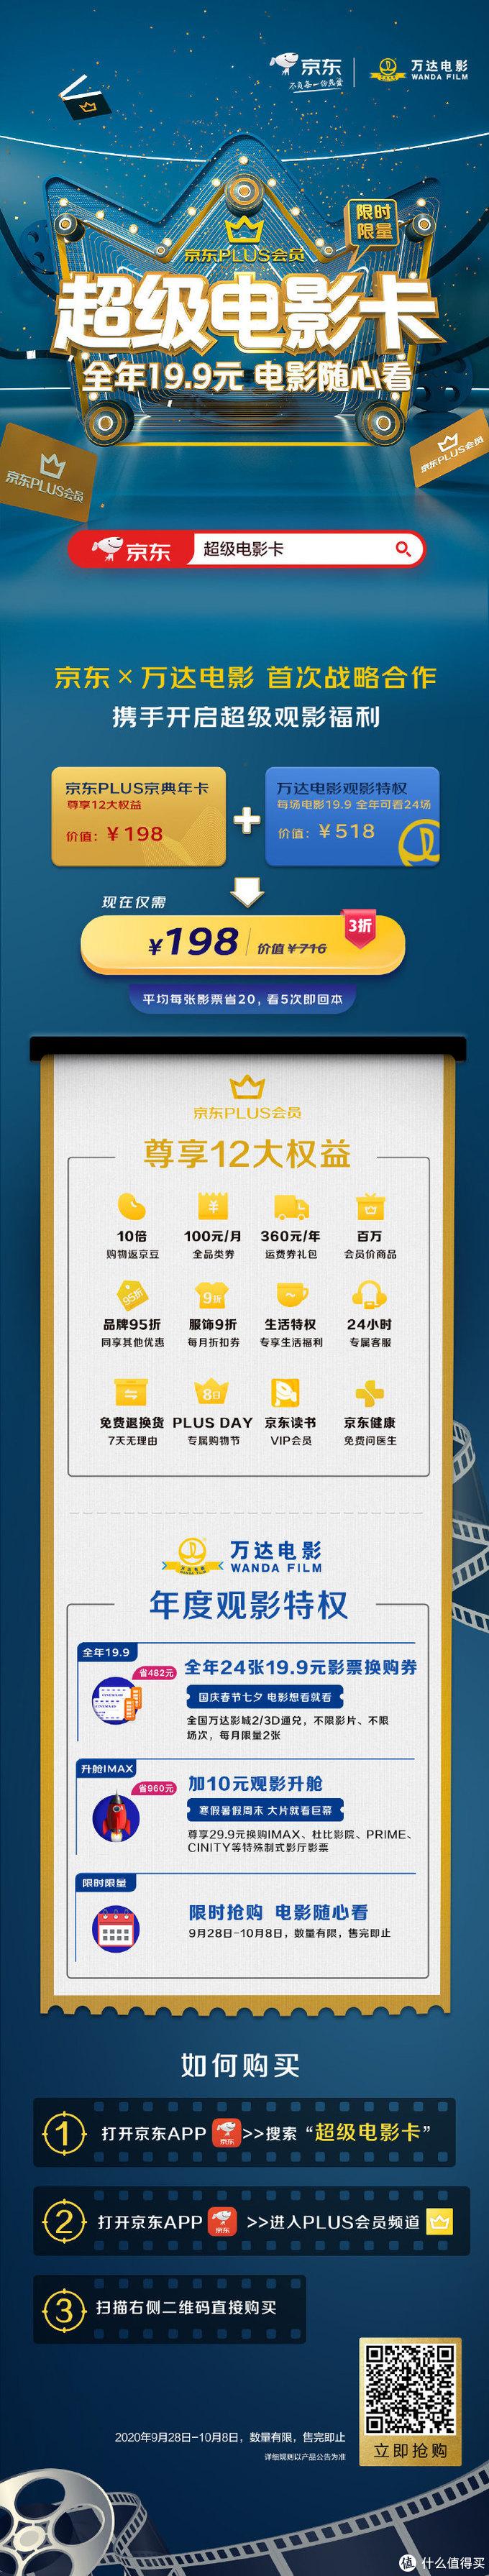 京东联名会员又整活了,198元加购万达影城超级电影卡,普通场次19.9元,每月仅限两张